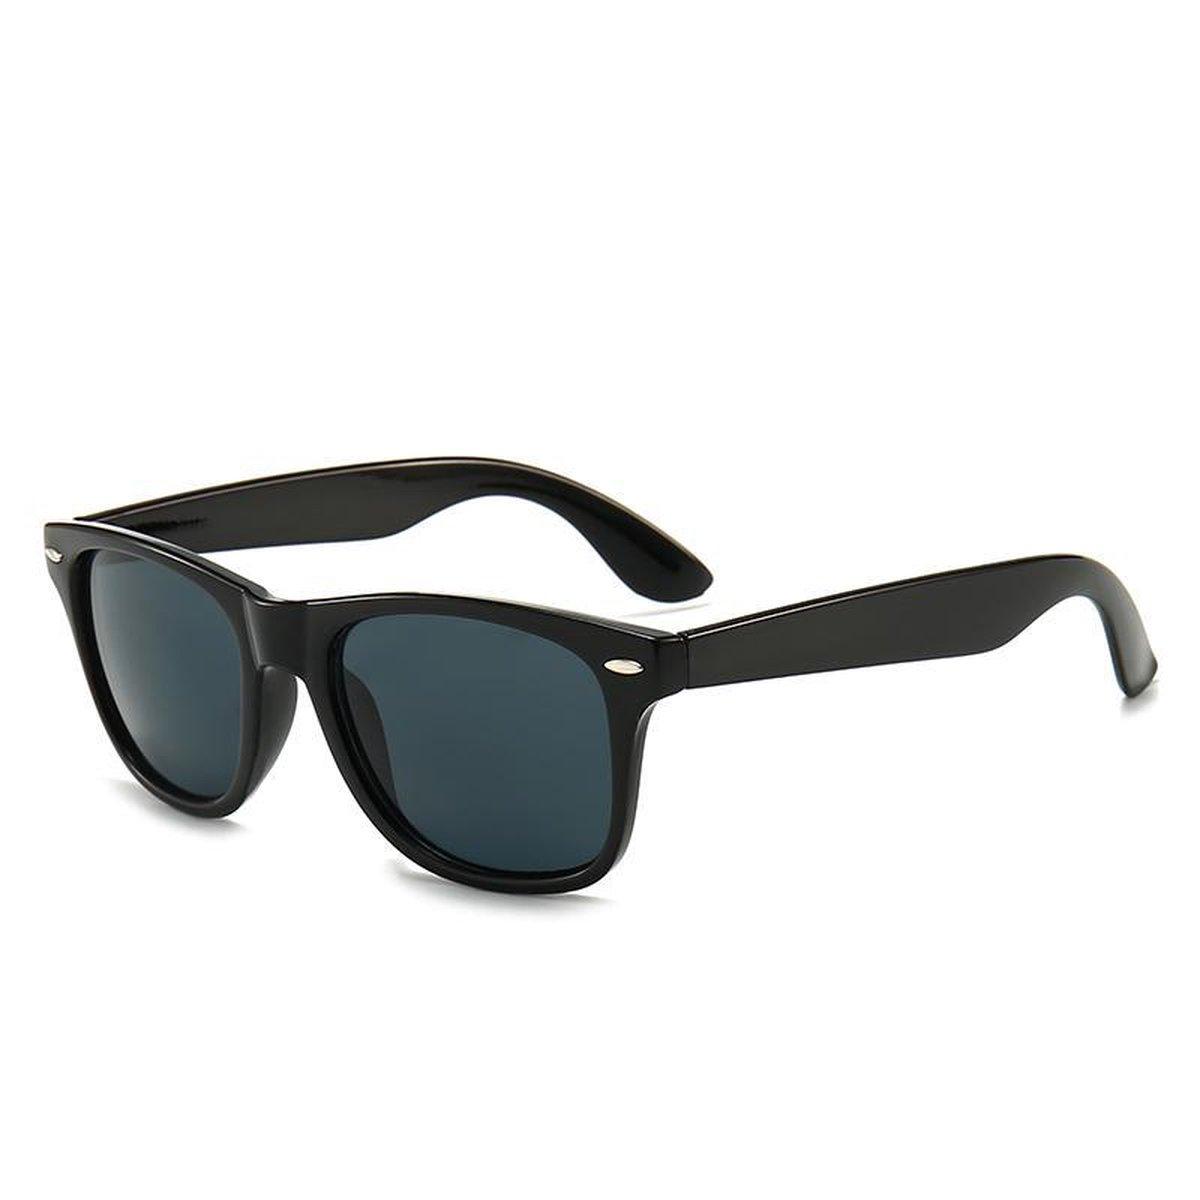 Wayfarer Zonnebril Zwart op De Prijzenvolger